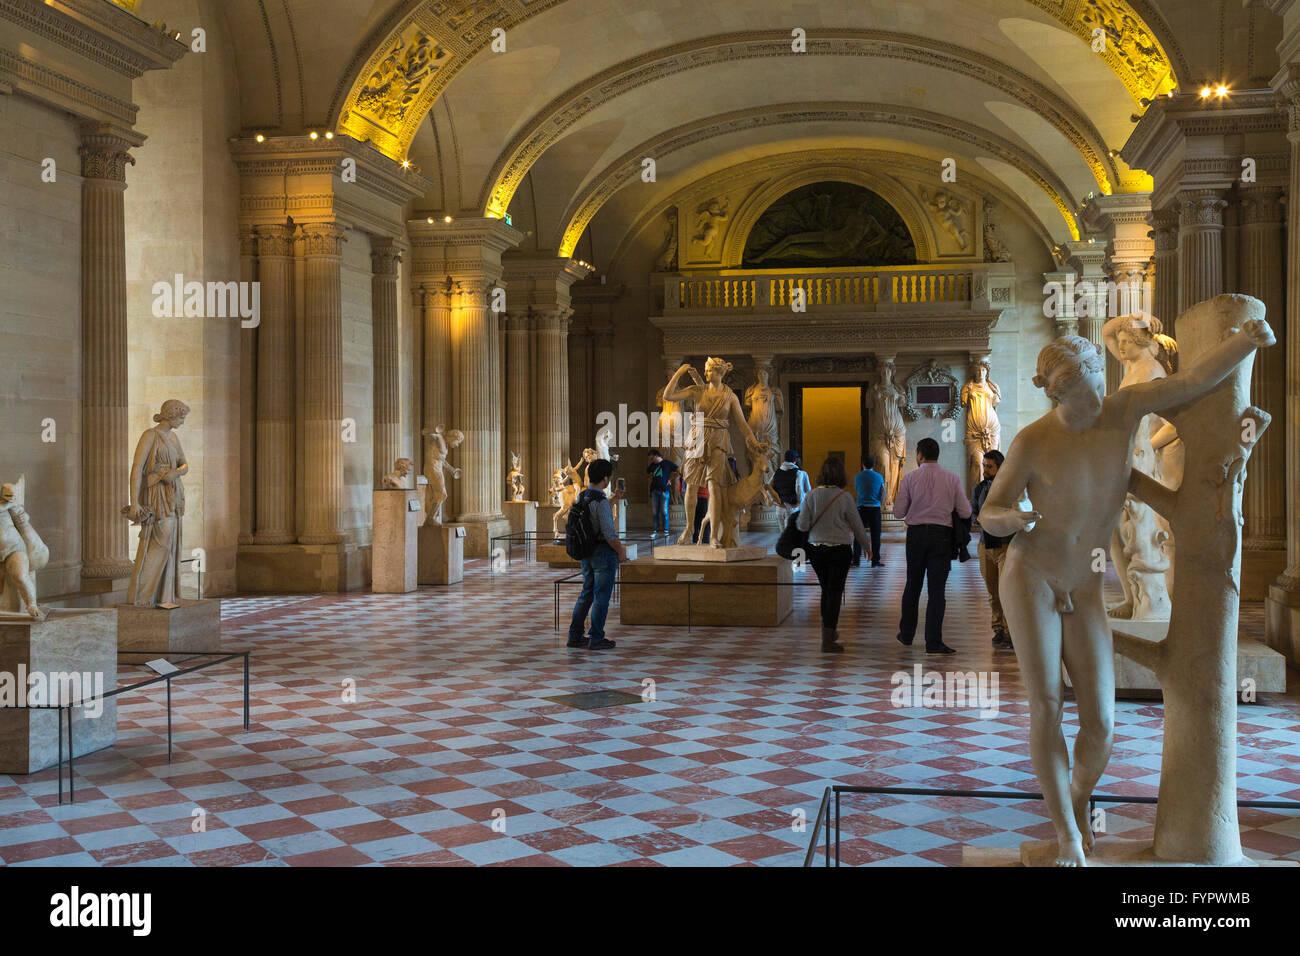 Antike griechische Skulpturen, Interieur des Louvre, Musée du Louvre ...